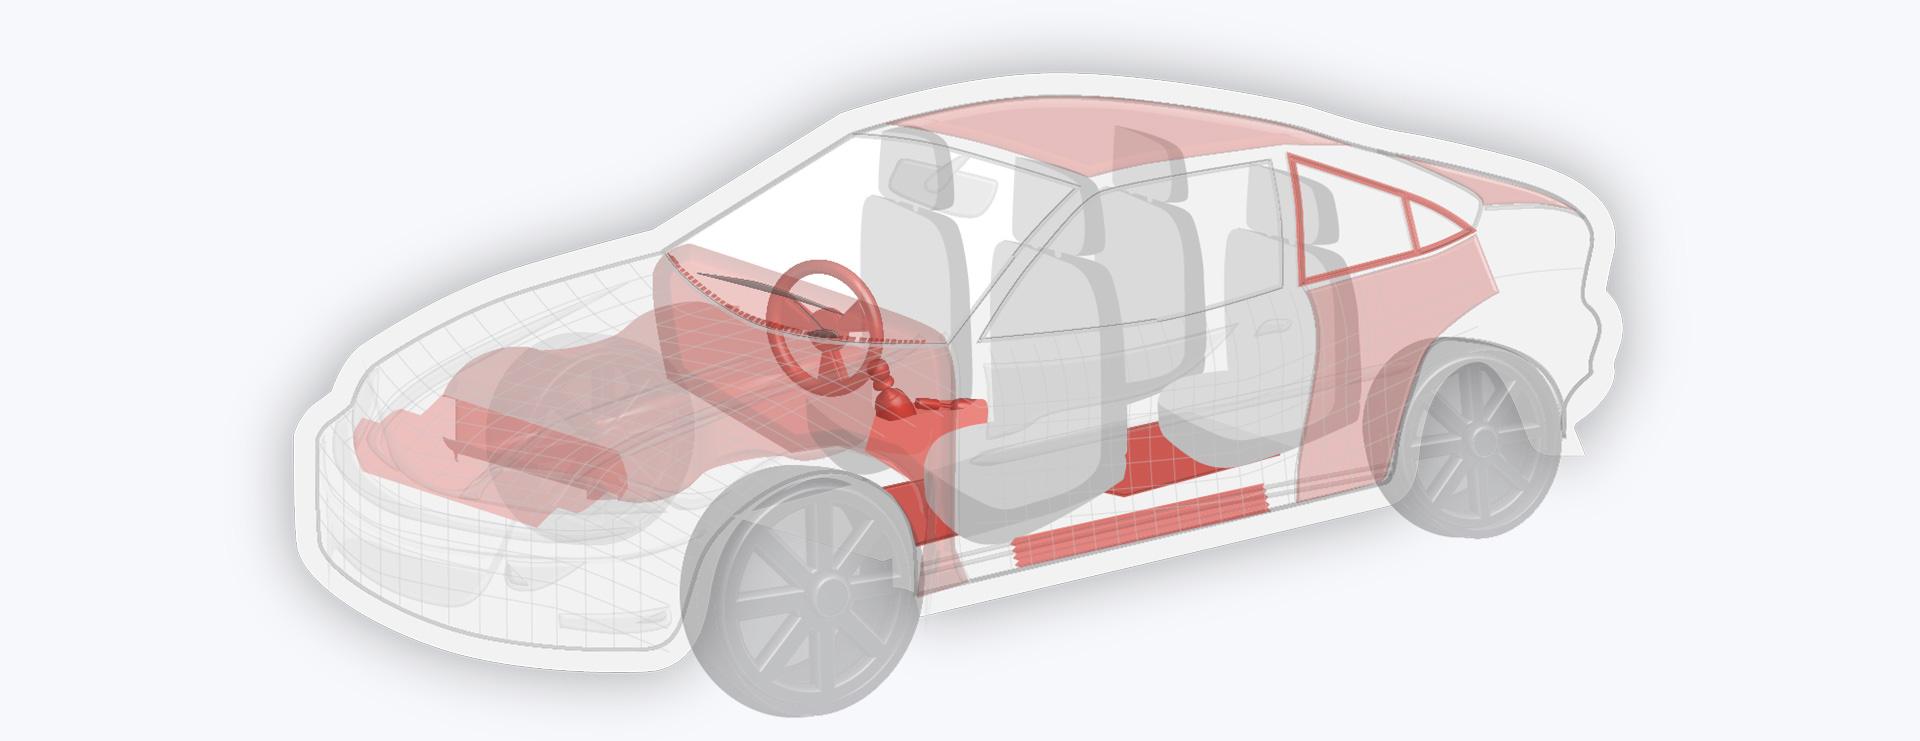 automobil-panafoamtec